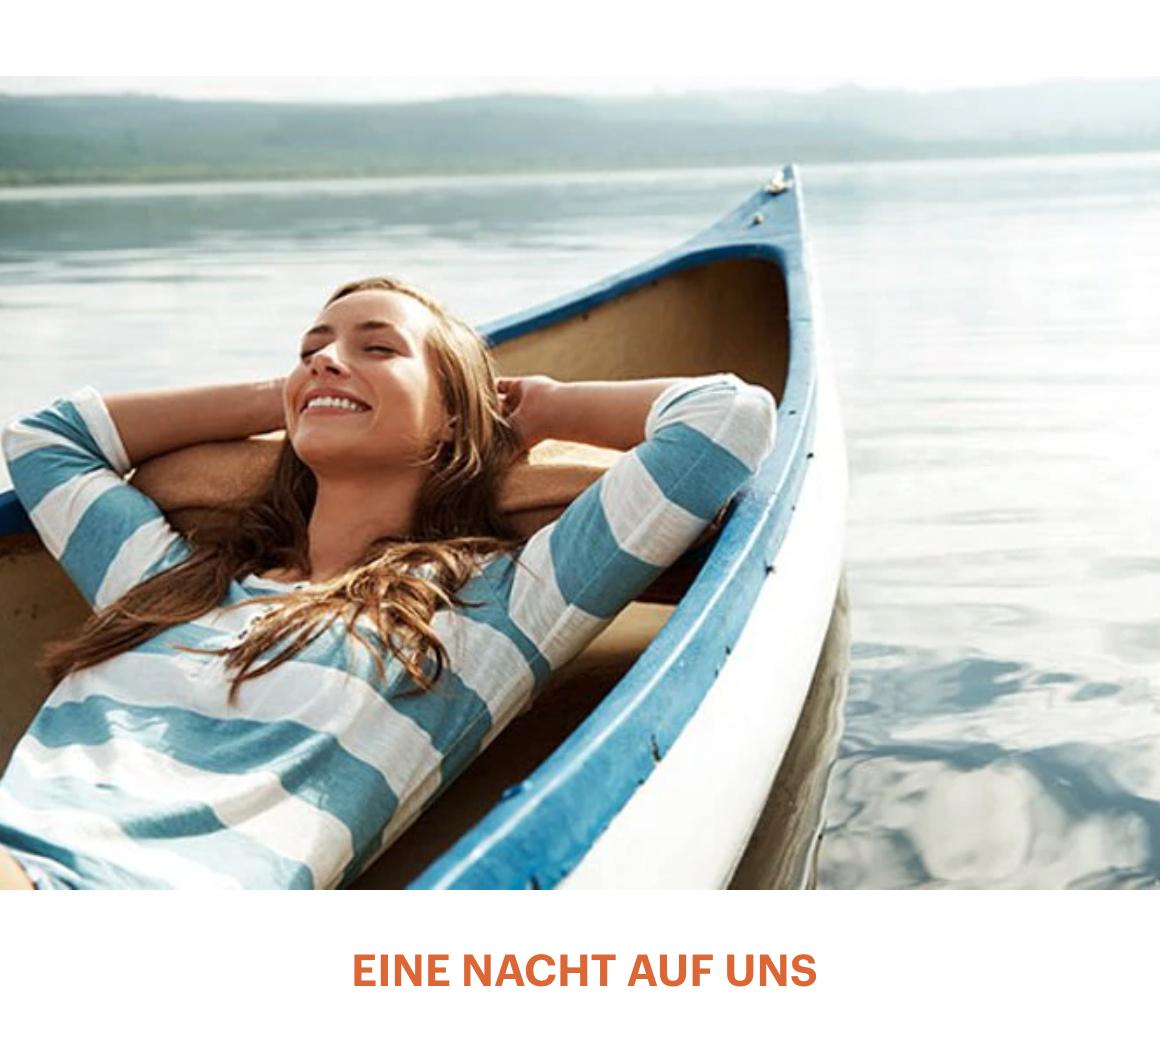 """InterContinental Hotels Group: """"Eine Nacht auf uns"""" - 34% Ermäßigung bei Buchung von 3 oder mehr Nächten"""